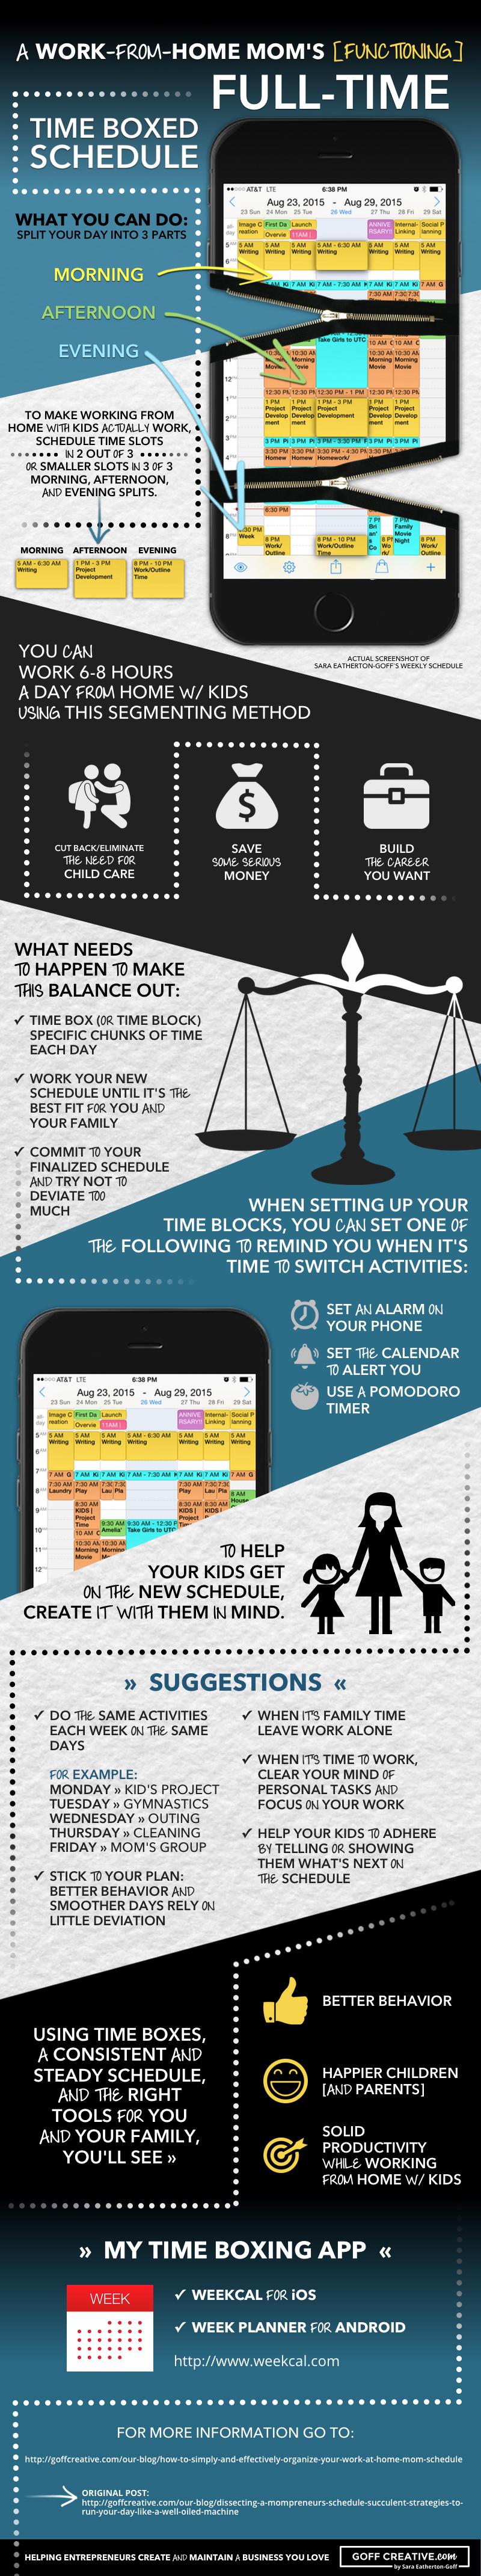 Schedule Breakdown Infographic.png